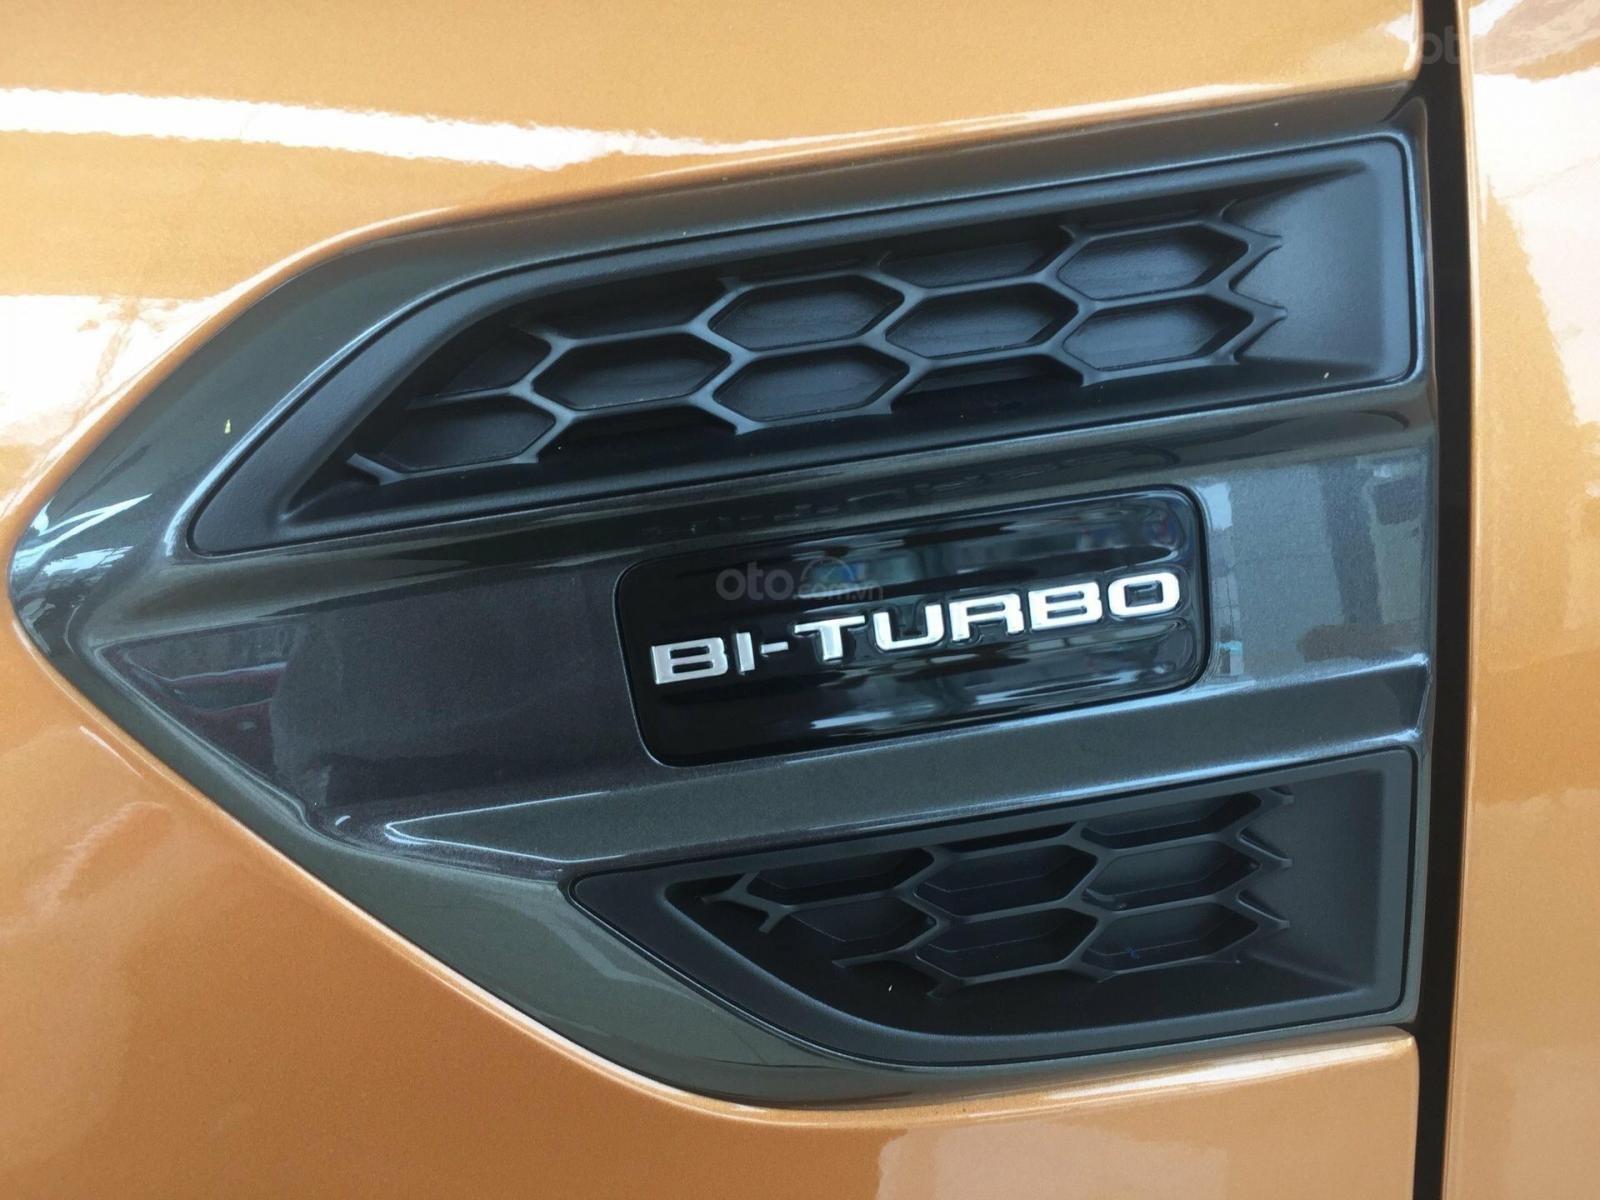 Ford Phạm Văn Đồng bán Ford Ranger Wildtrak 2.0 Bitubor 2019 đủ màu, bao giá toàn quốc, giao ngay - LH 0965423558 (14)